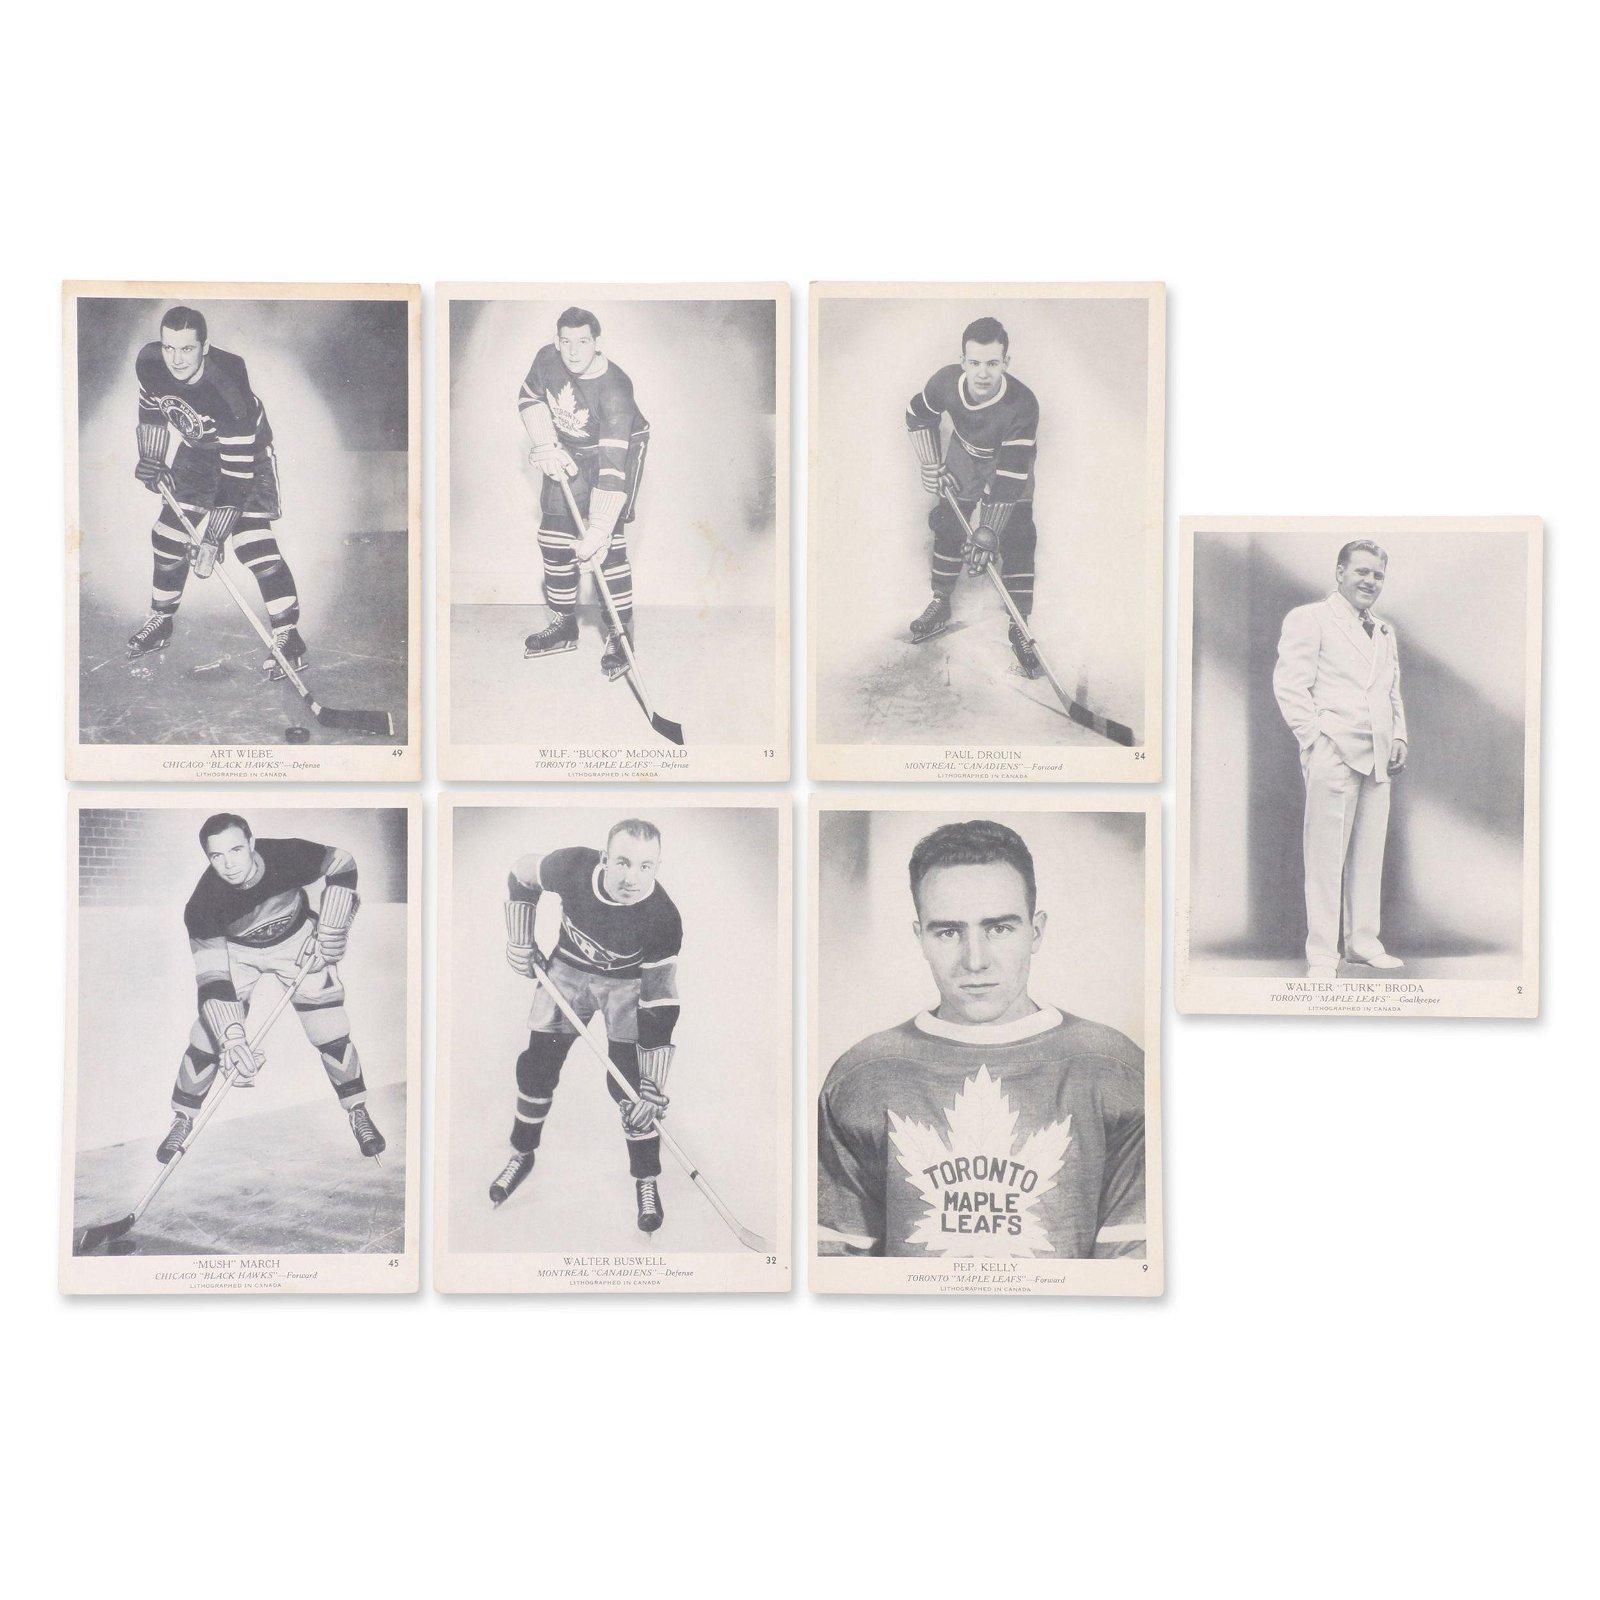 O Pee Chee Hockey Photos